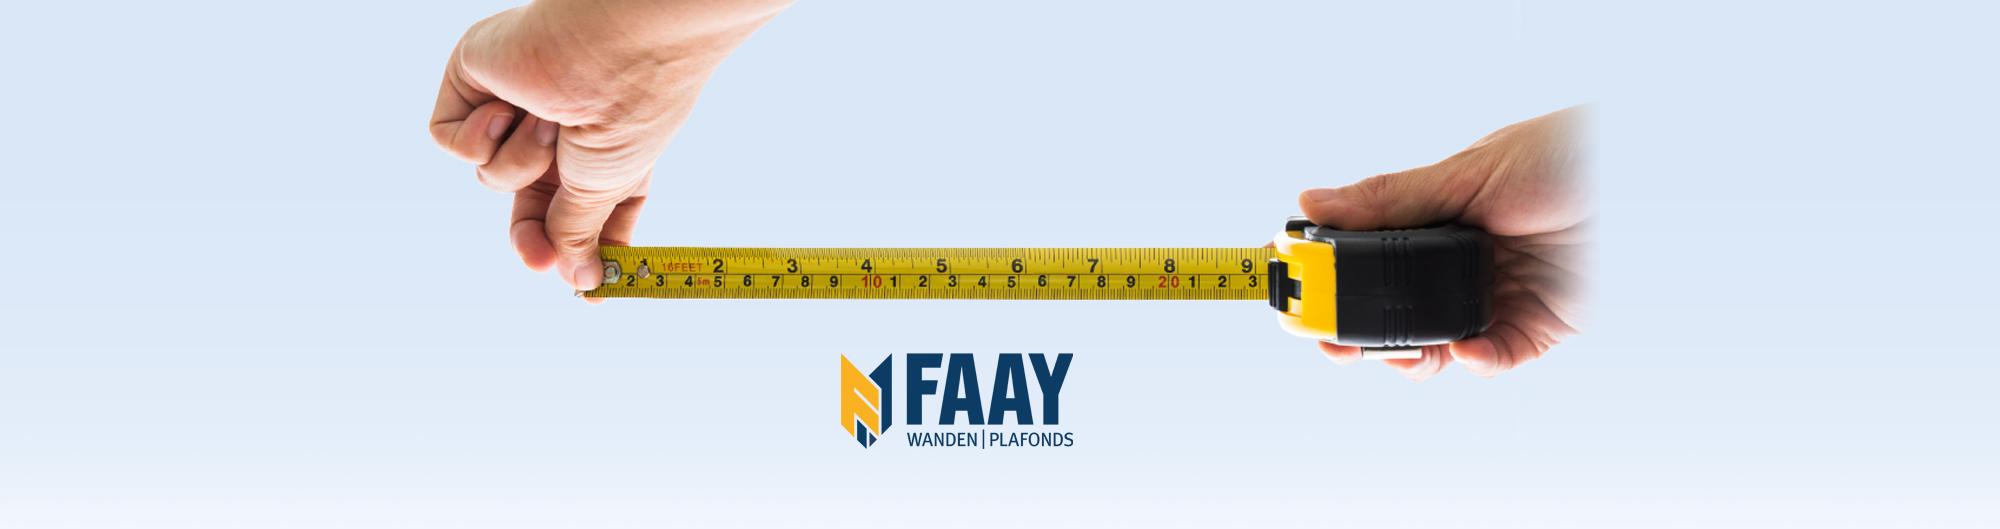 Faay-Maatpak-header-rolmaatkopie